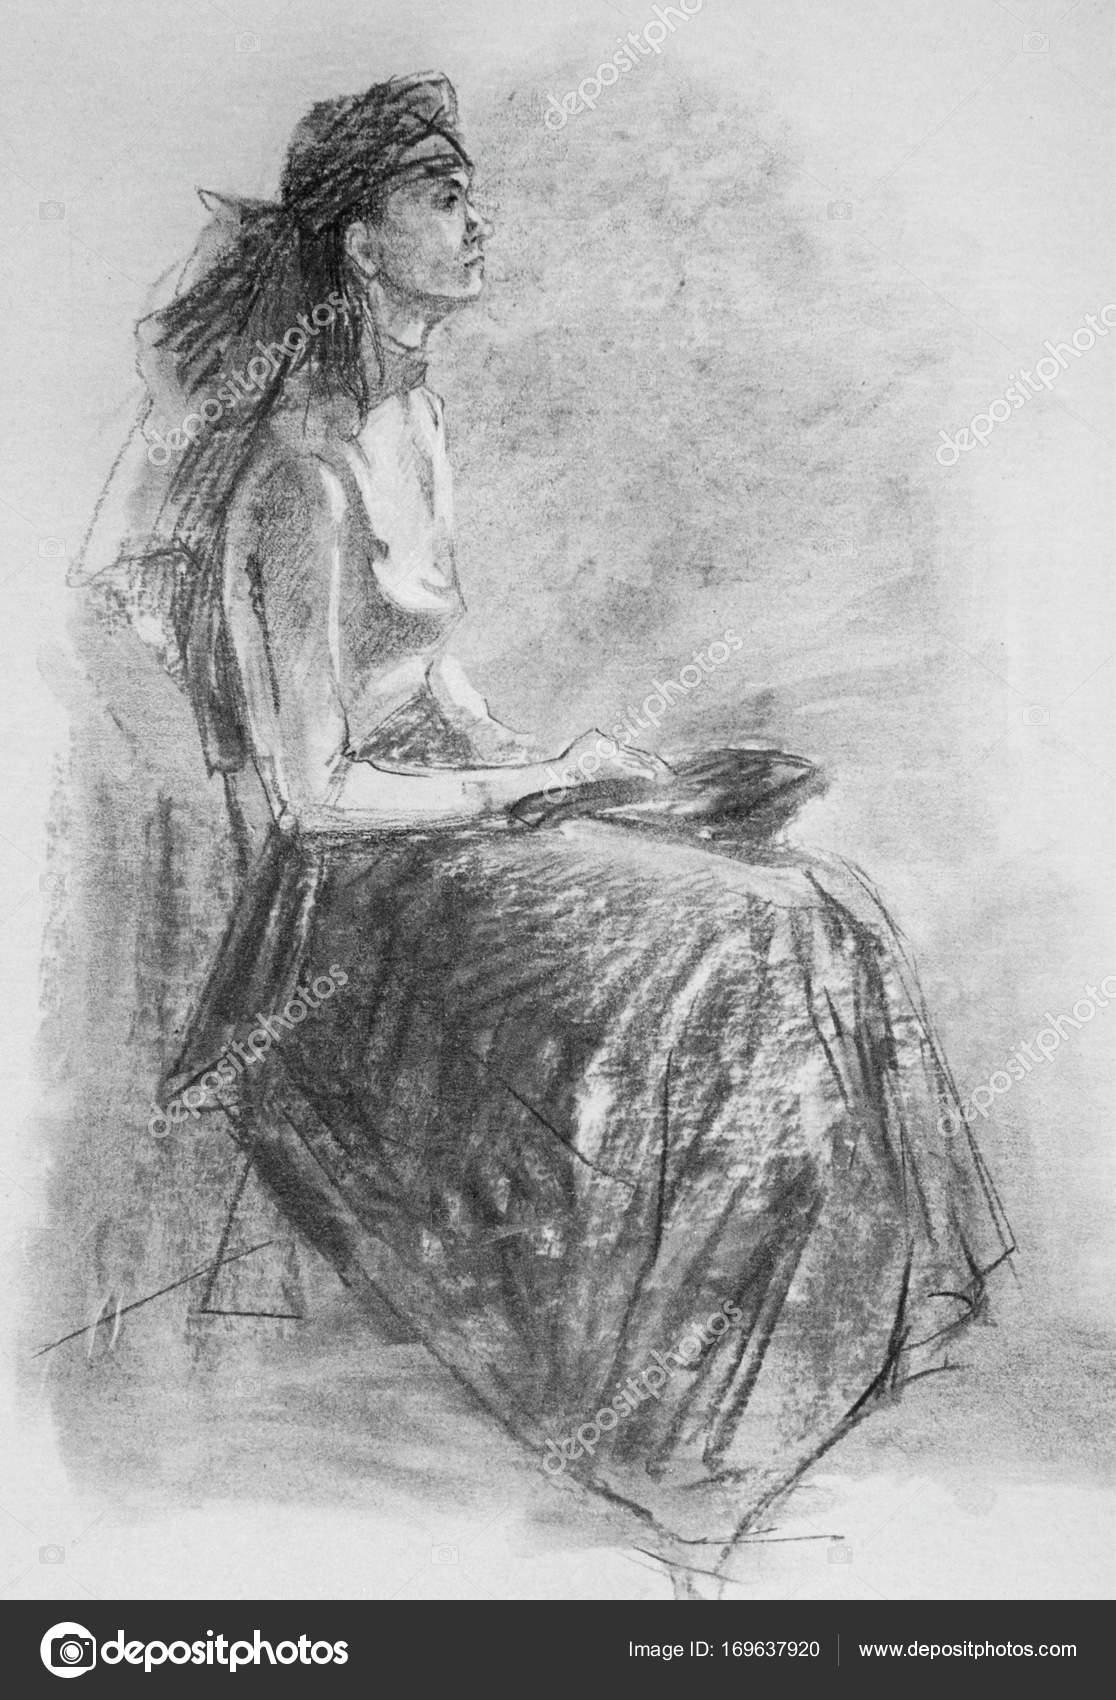 Fotos A Carboncillo Lapiz De Dibujo Ilustracion Con Mujer En Ropa